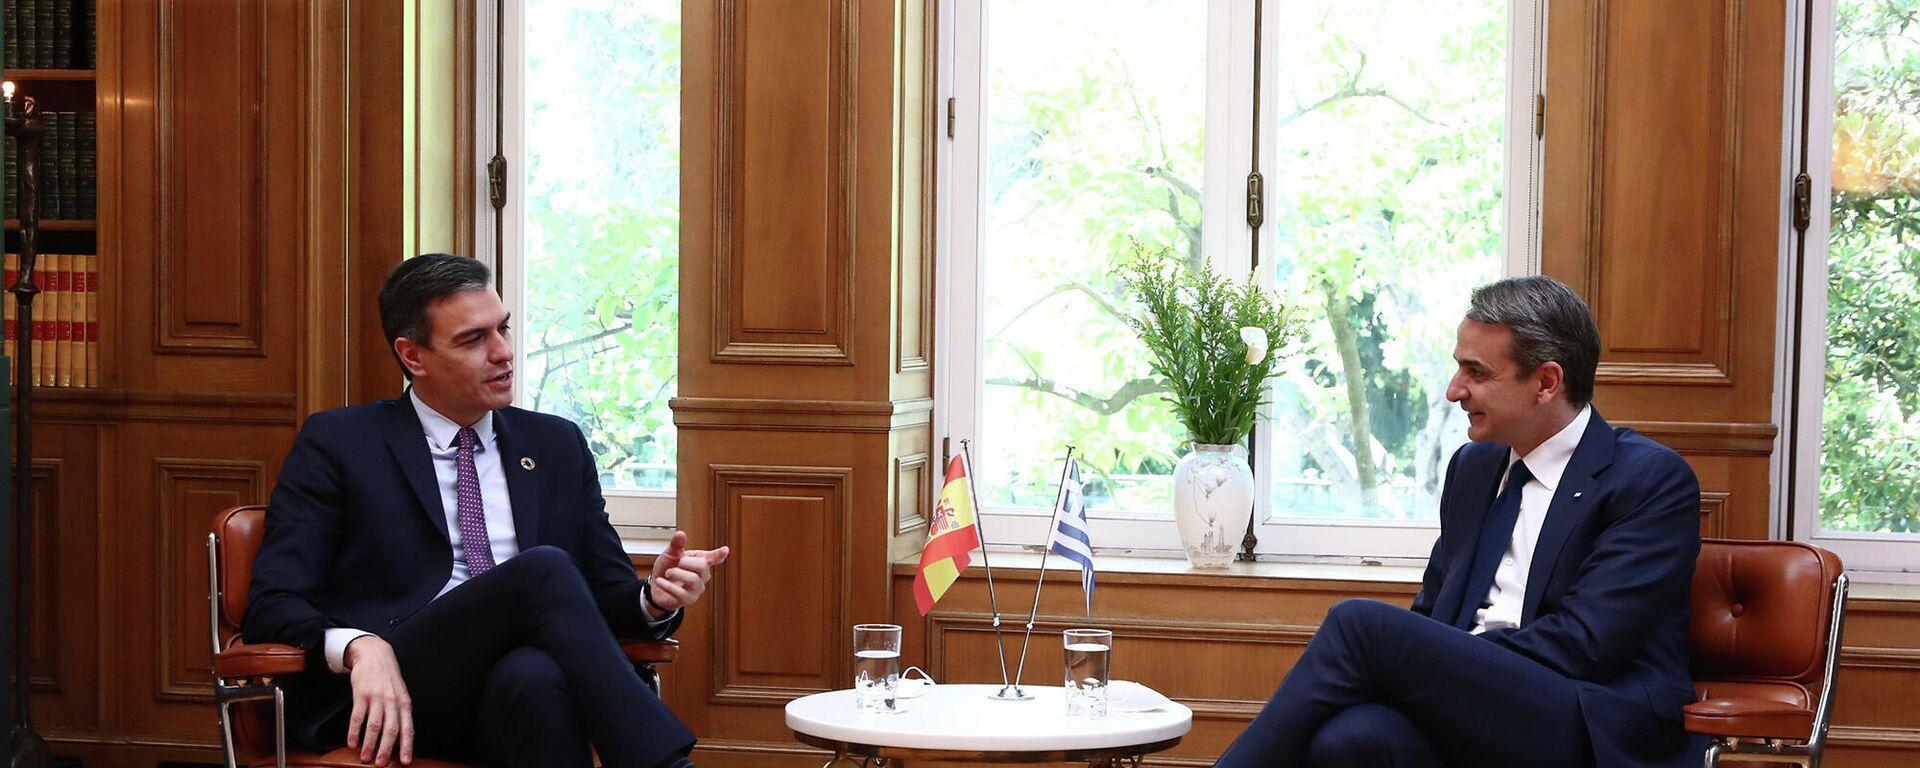 El presidente del Gobierno, Pedro Sánchez, se reúne con el primer ministro de Grecia, Kyriakos Mitsotakis. - Sputnik Mundo, 1920, 10.05.2021